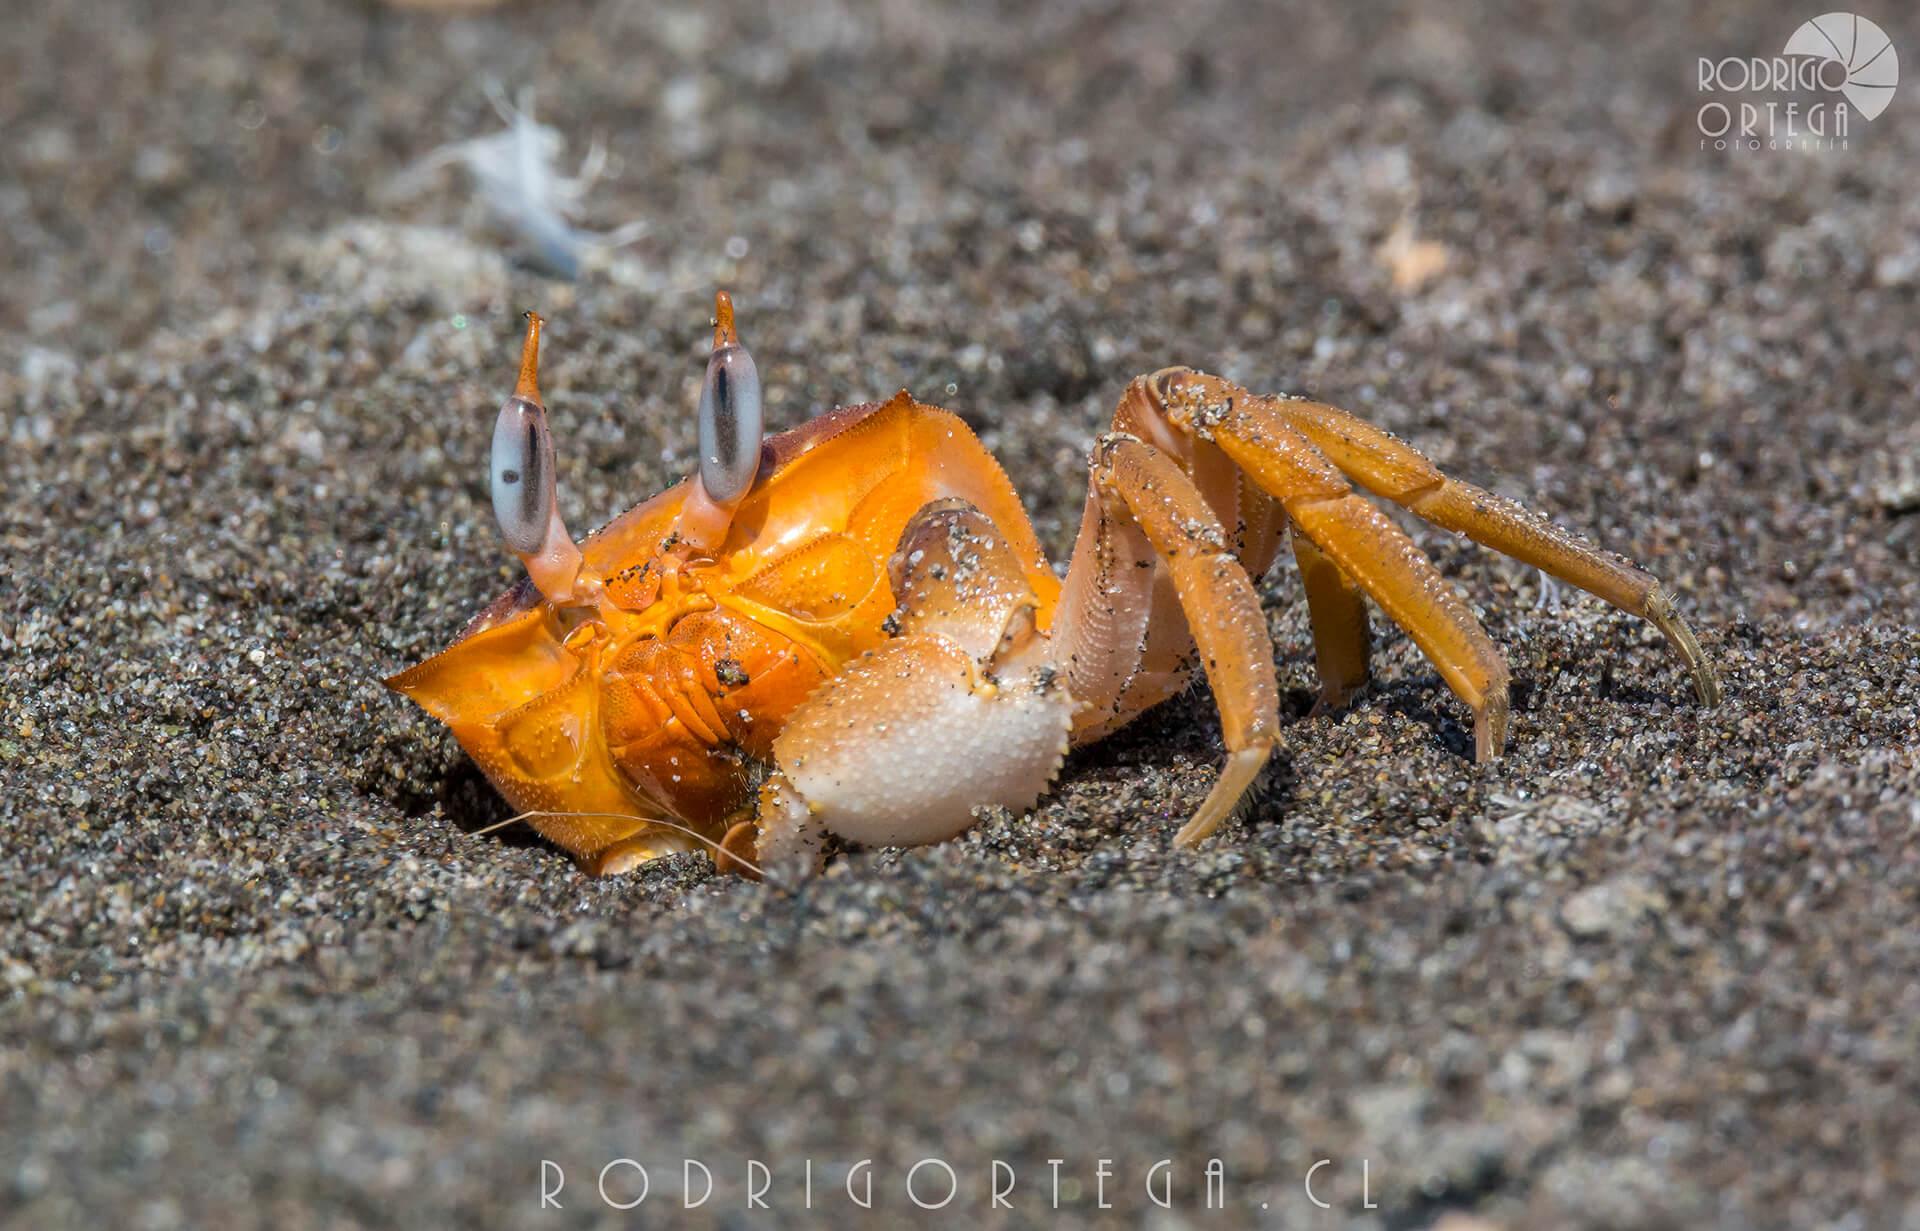 Cangrejo Fantasma (Ocypode gaudichaudii)